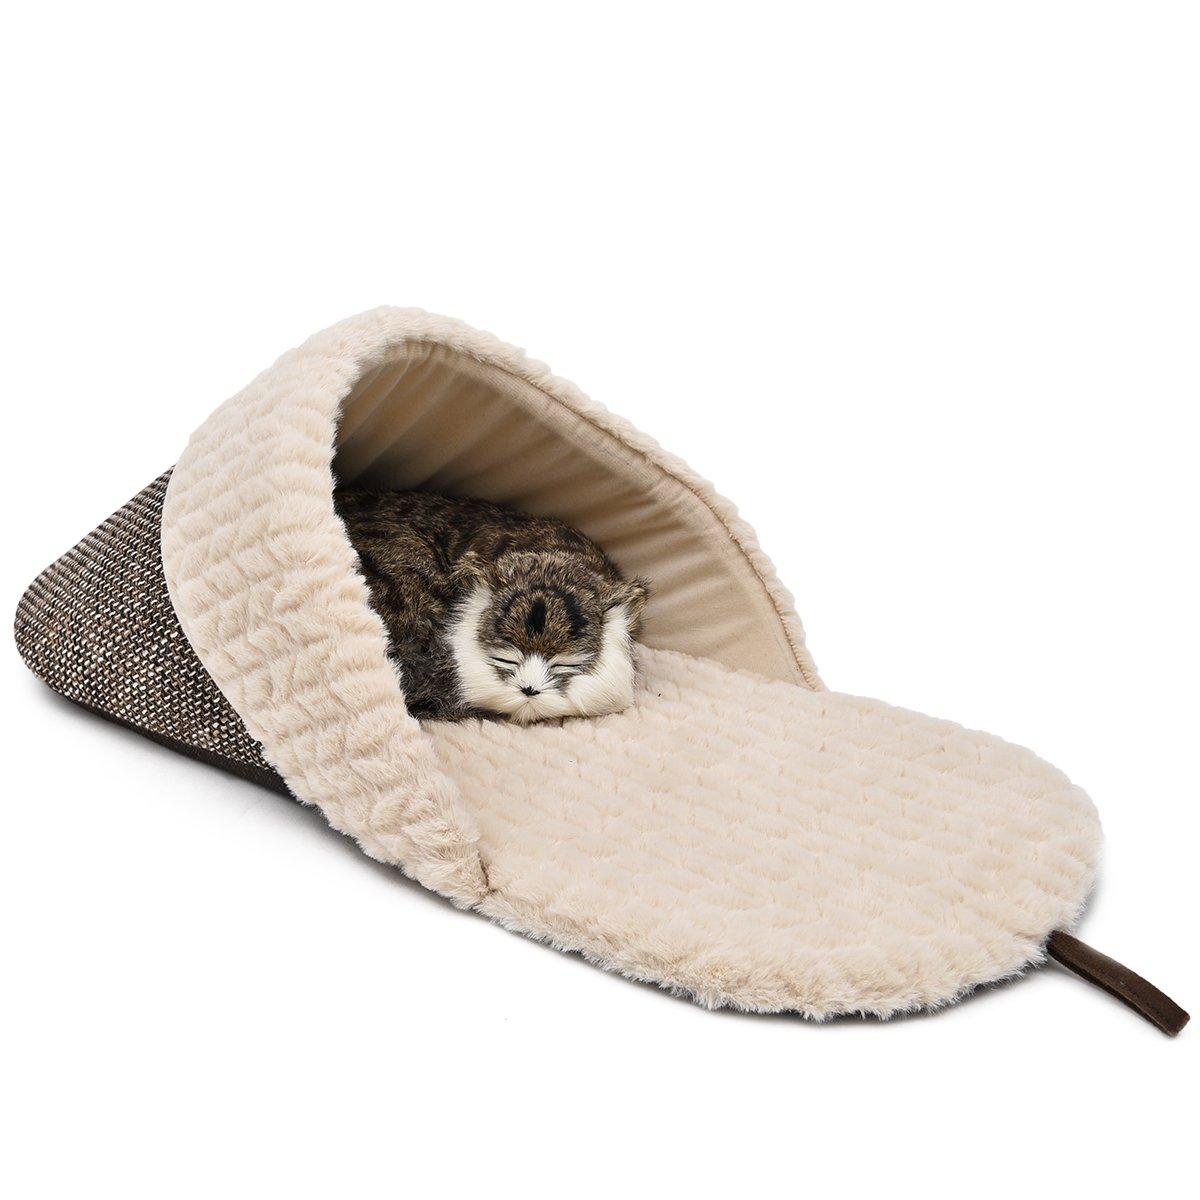 OHANA Chausson Sac de Couchage Chaud et Portable, Corbeille Niche en Forme de Chausson Super Confortable pour Chat Chaton à Se Coucher L - 72 x 34 x 25 cm